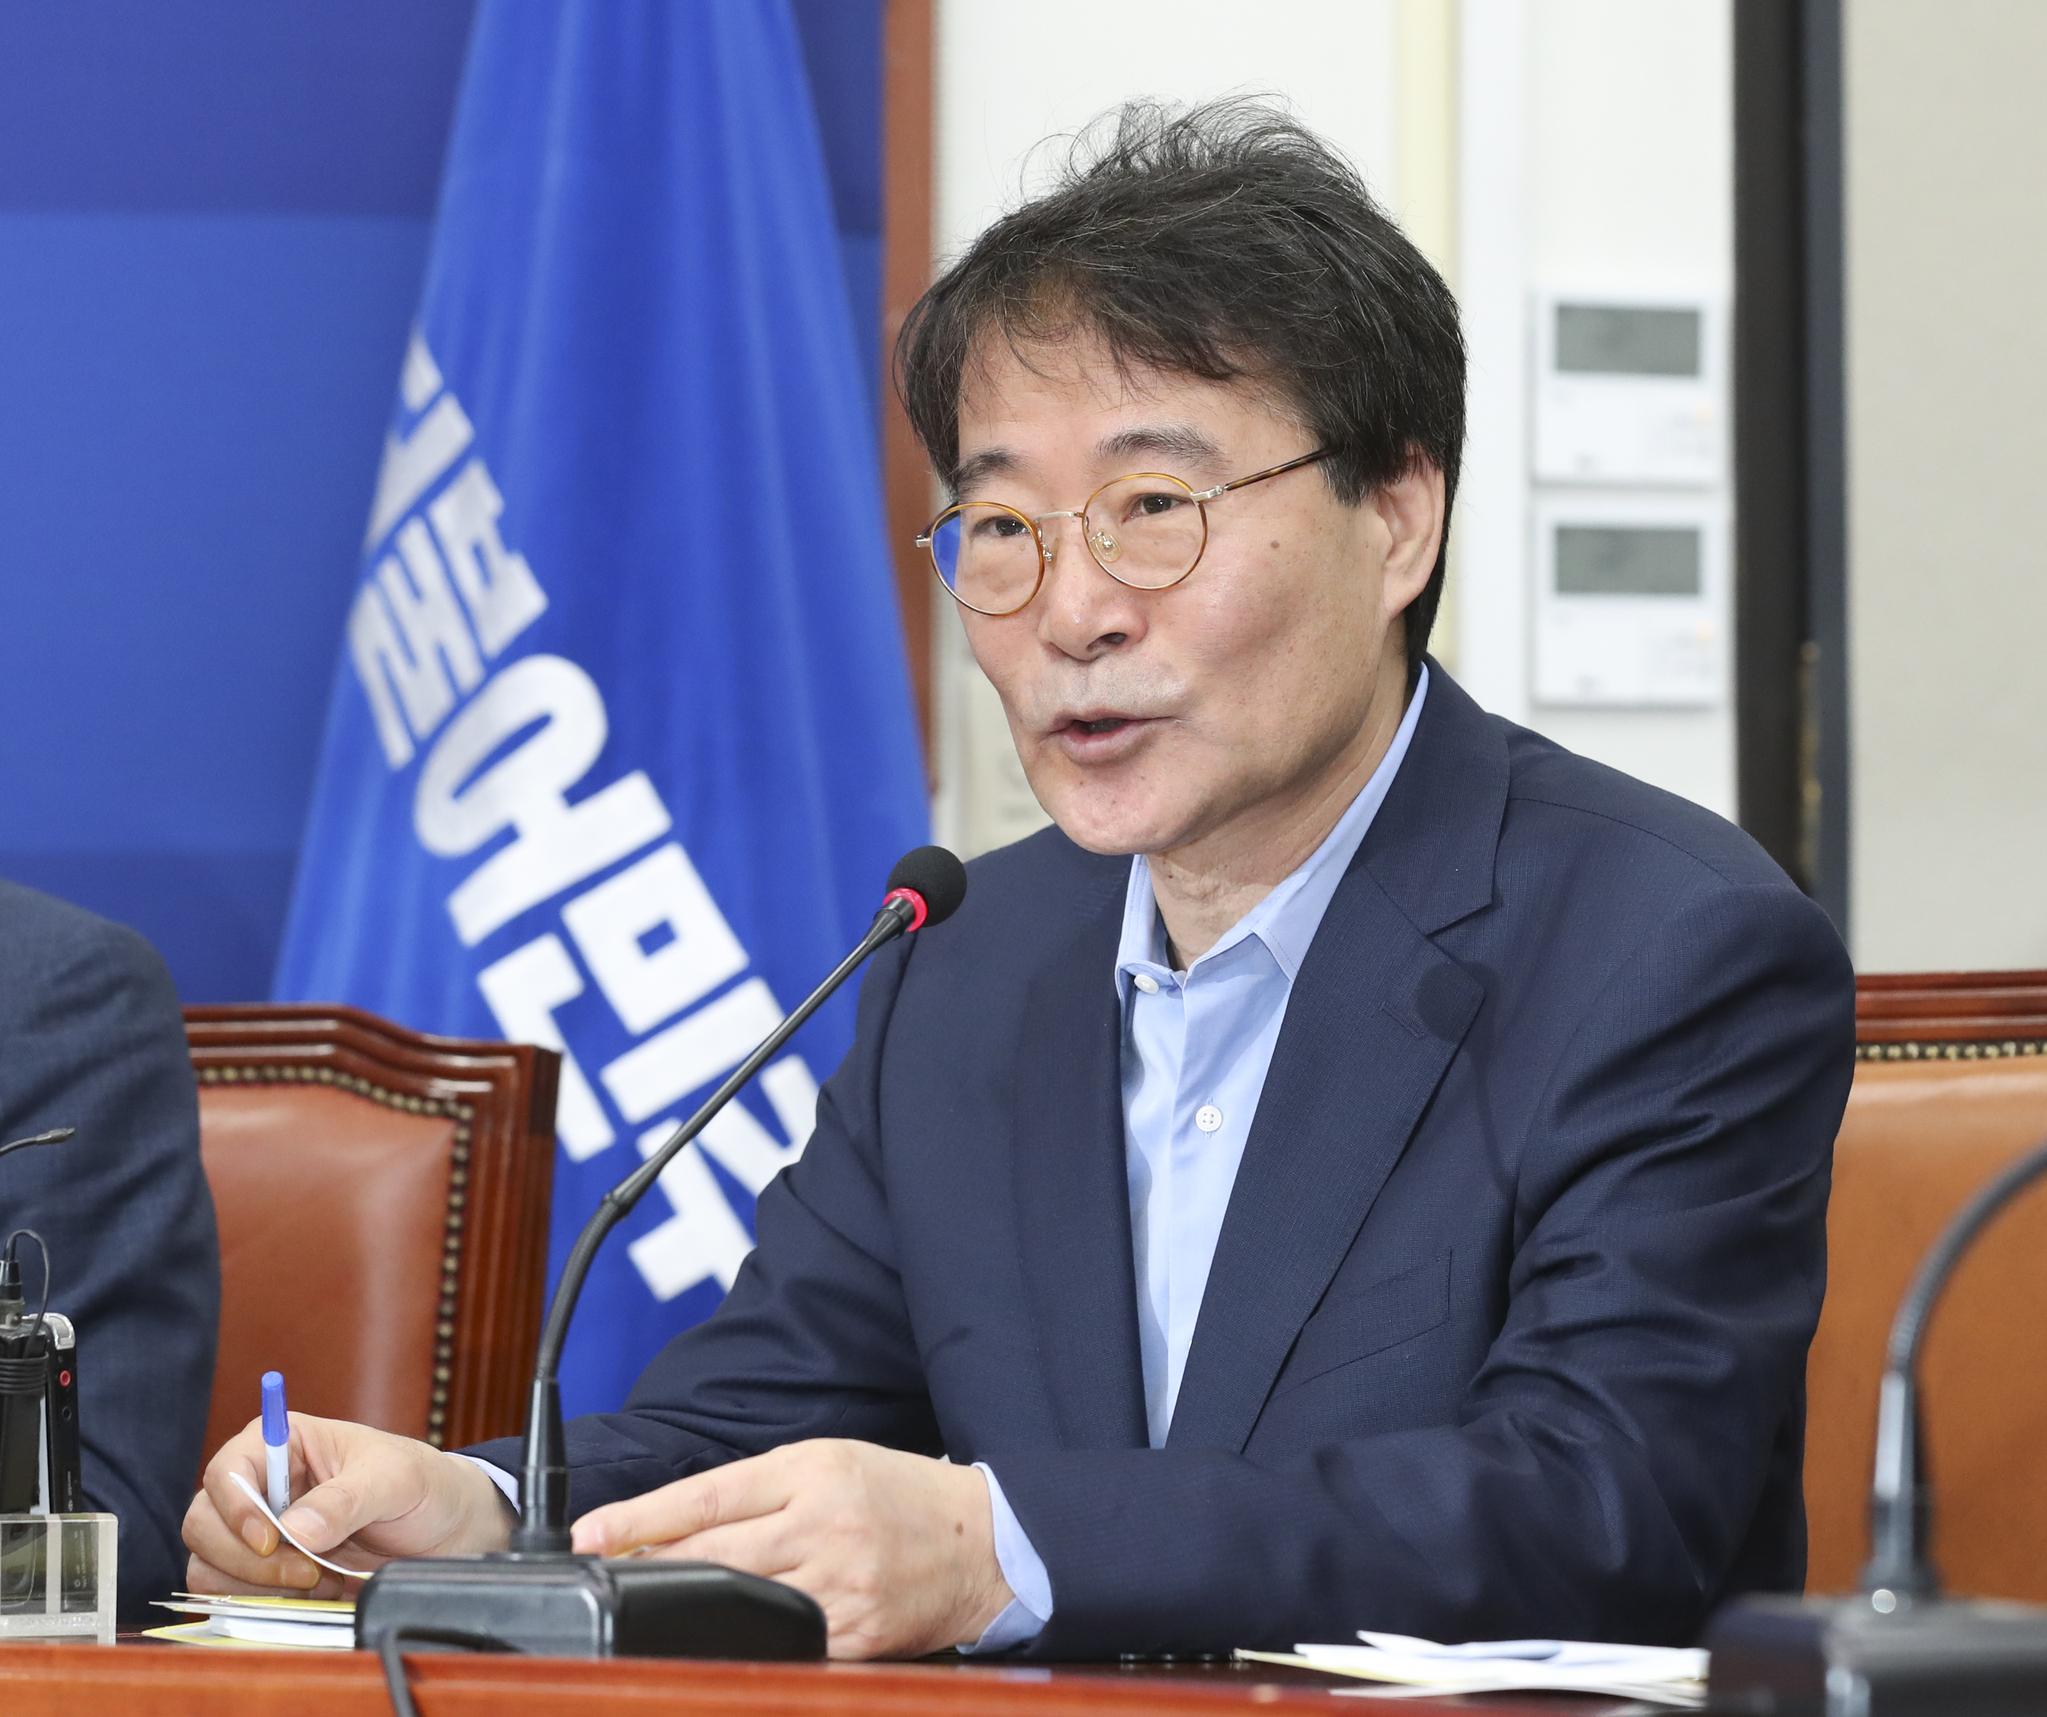 장하성 청와대 정책실장. 임현동 기자